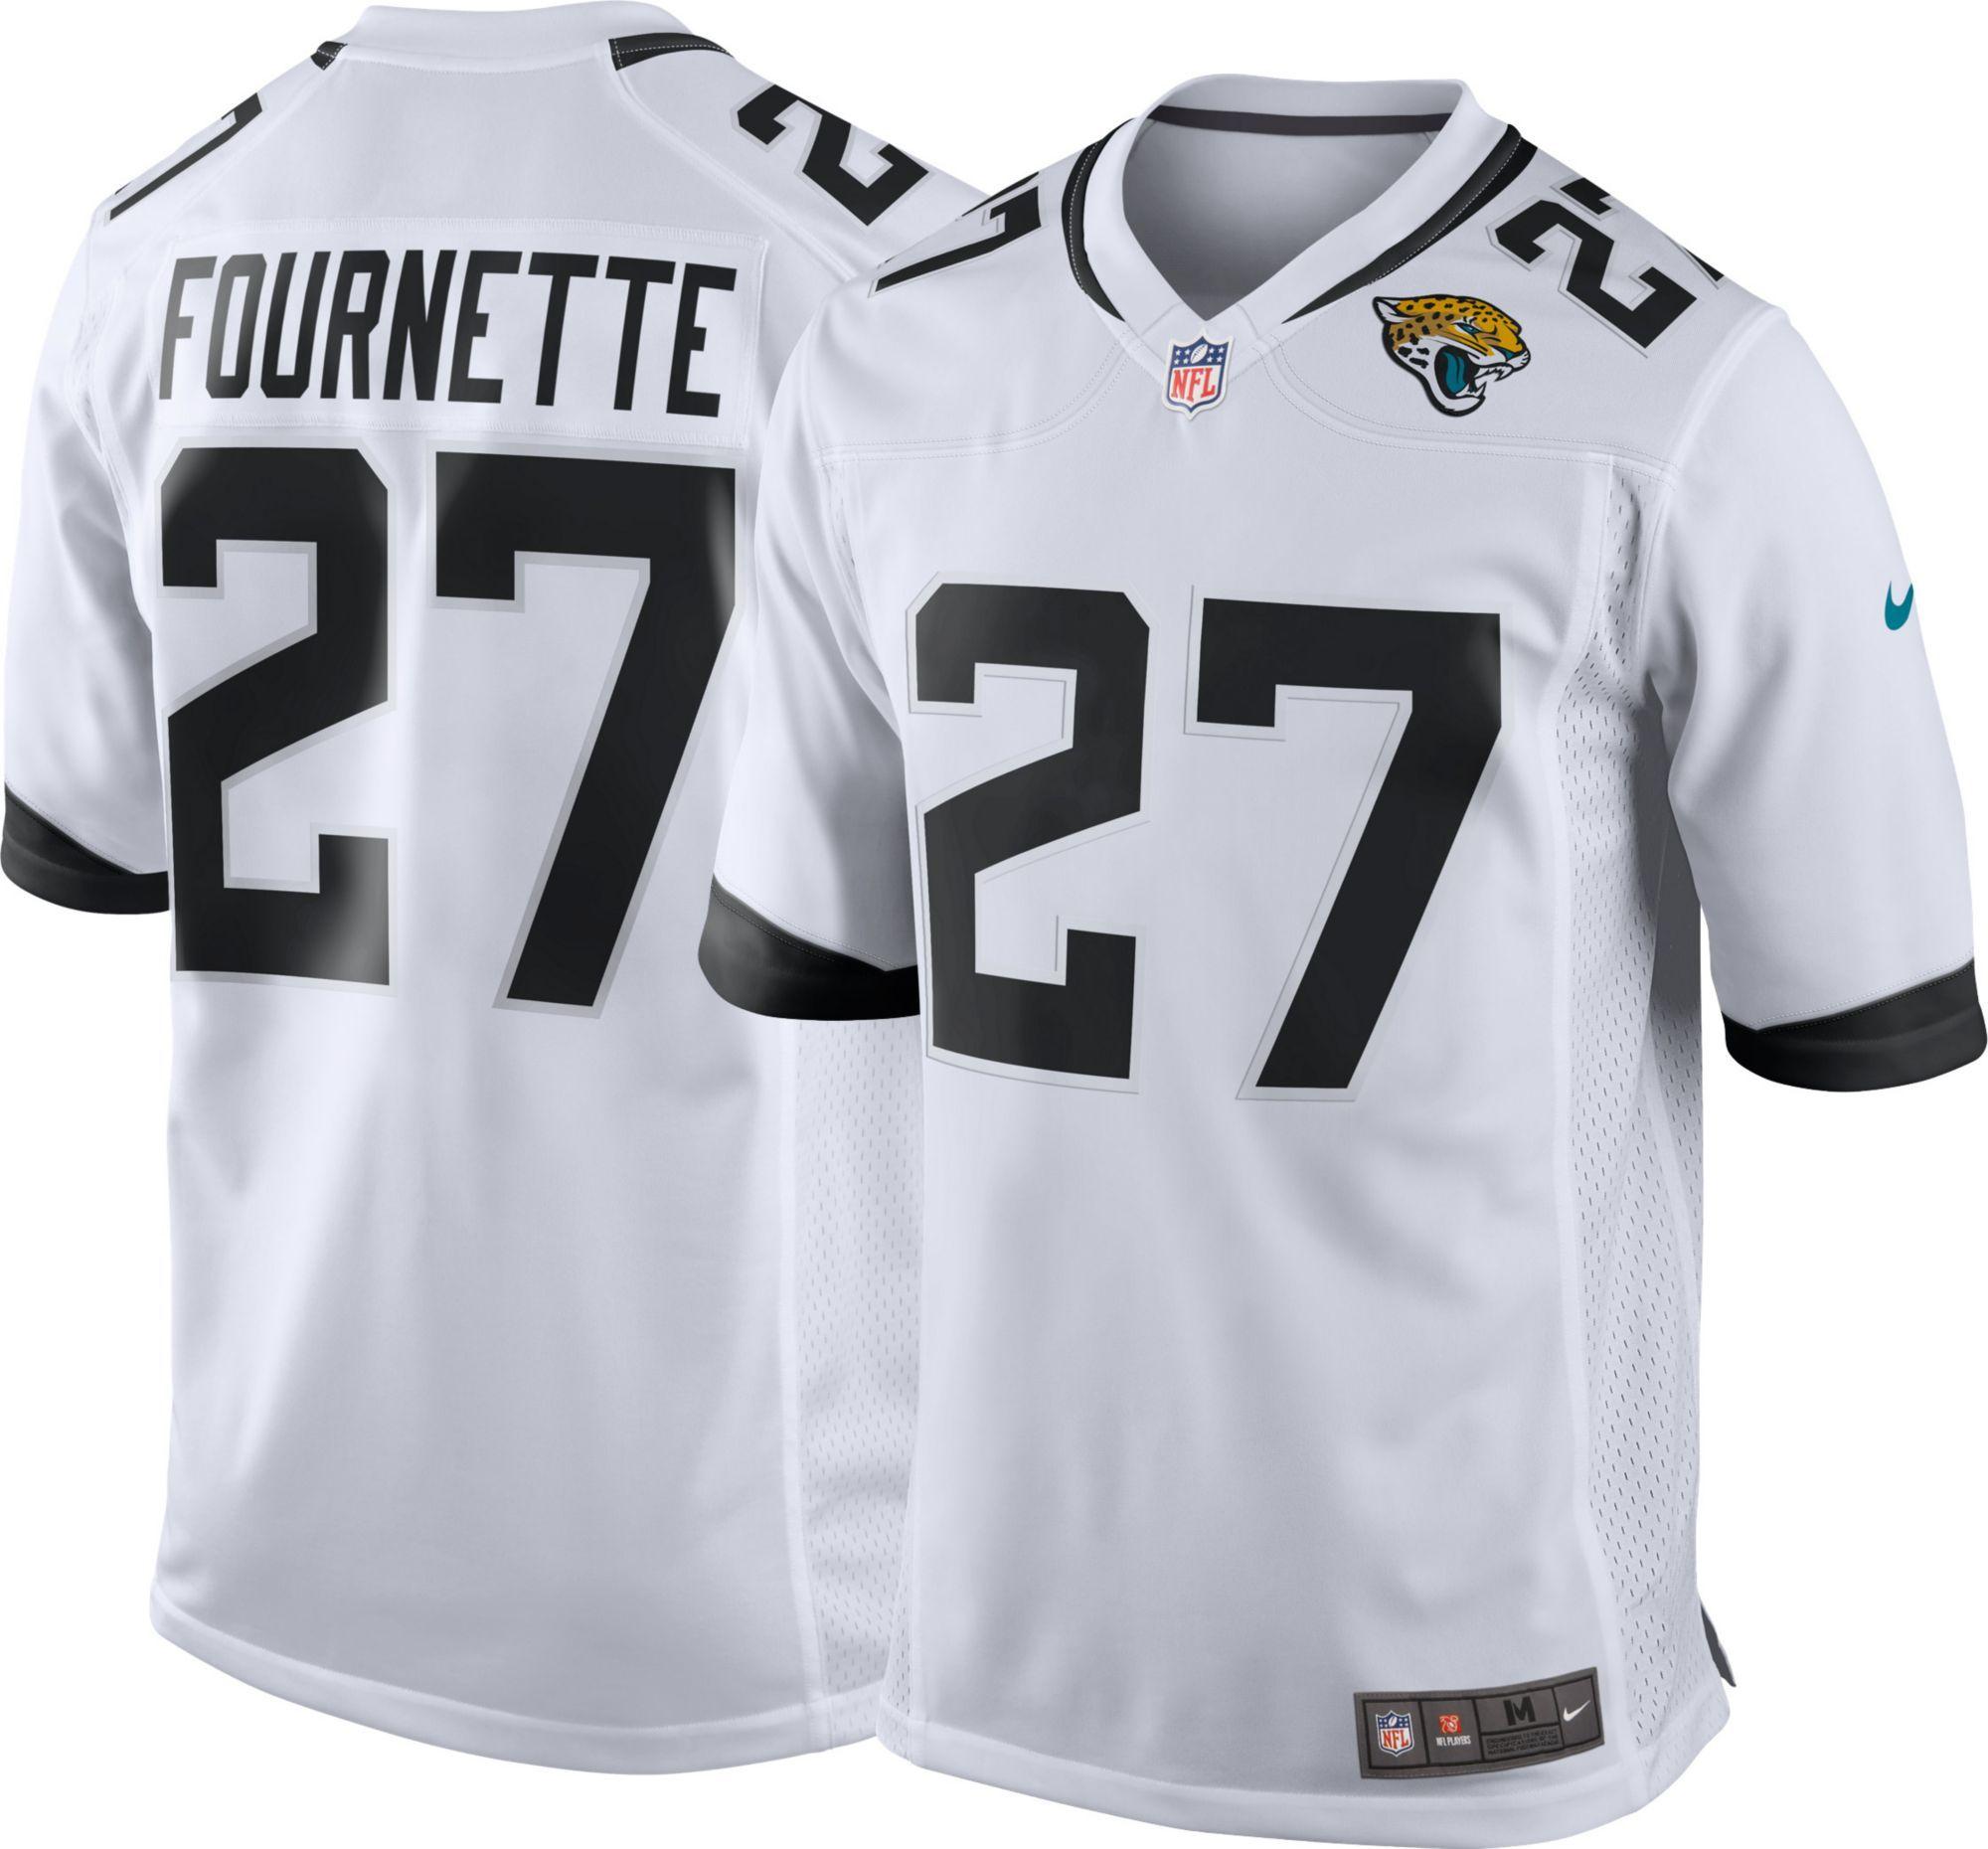 4f1f718030e Nike Men's Away Game Jersey Jacksonville Leonard Fournette #27, White